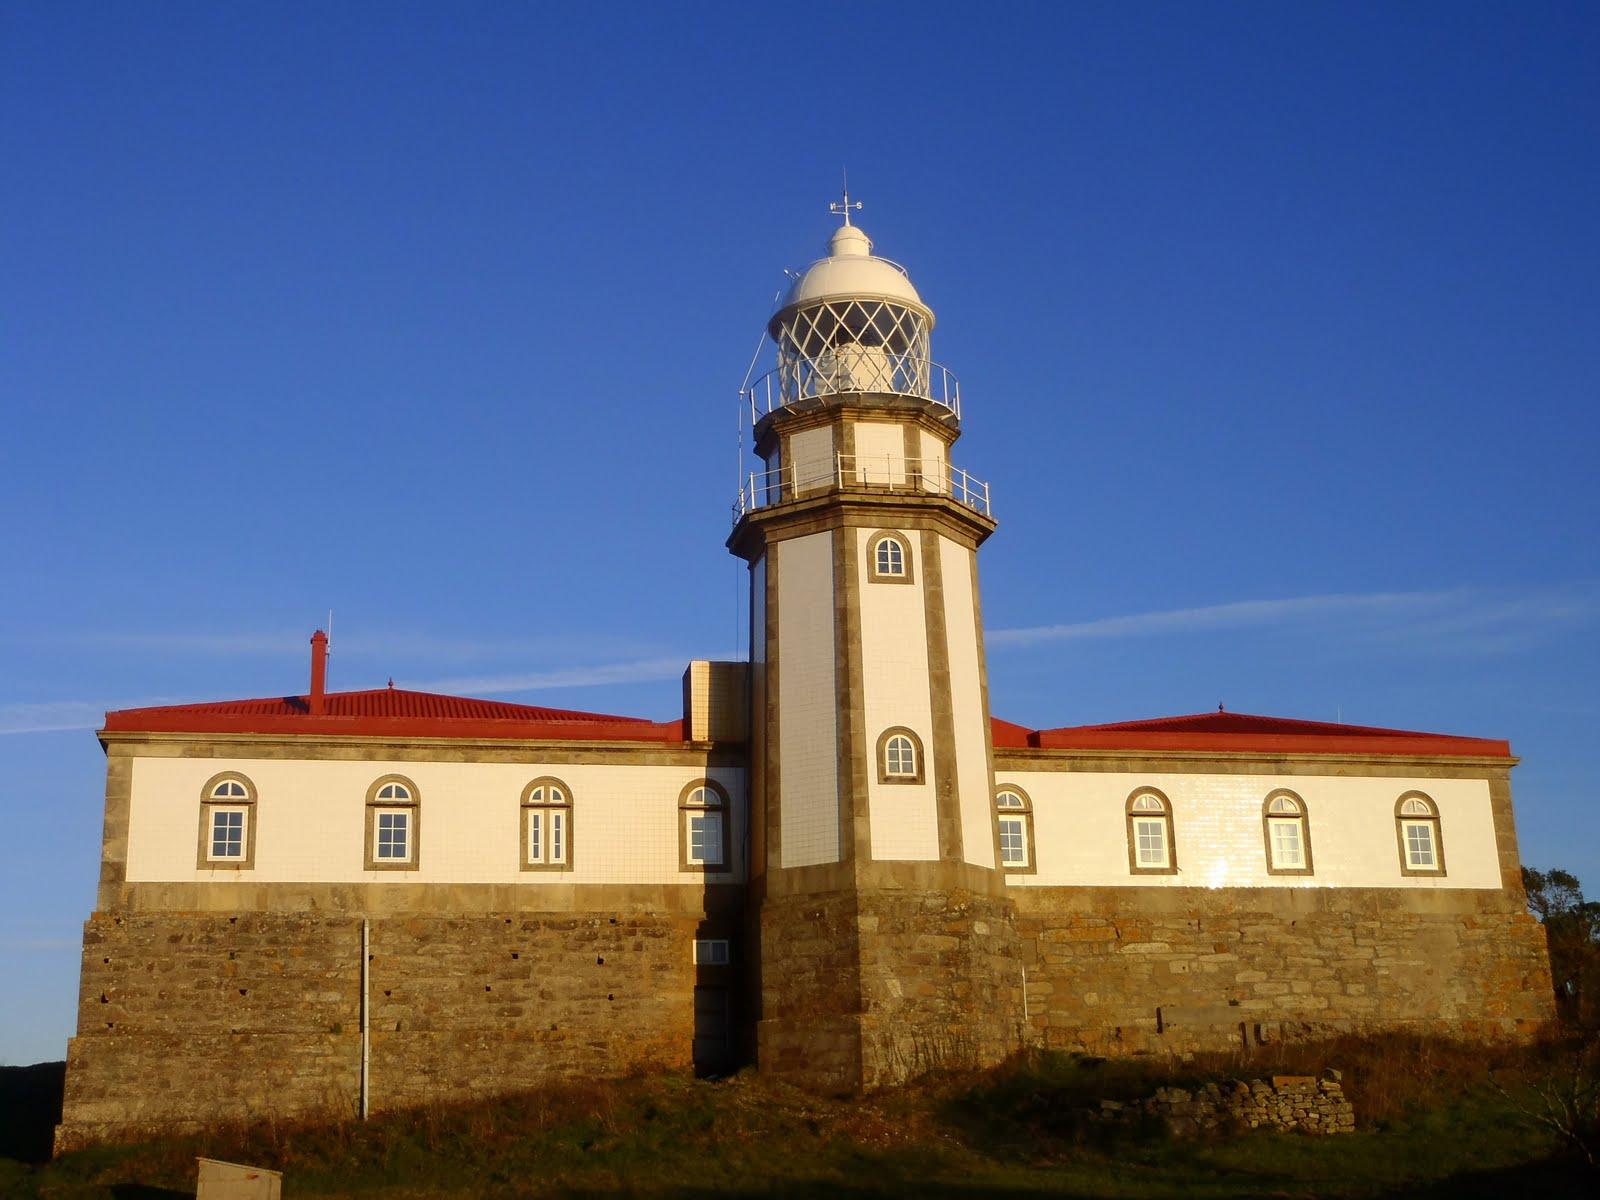 Faros do Parque Nacional: Faro de Ons